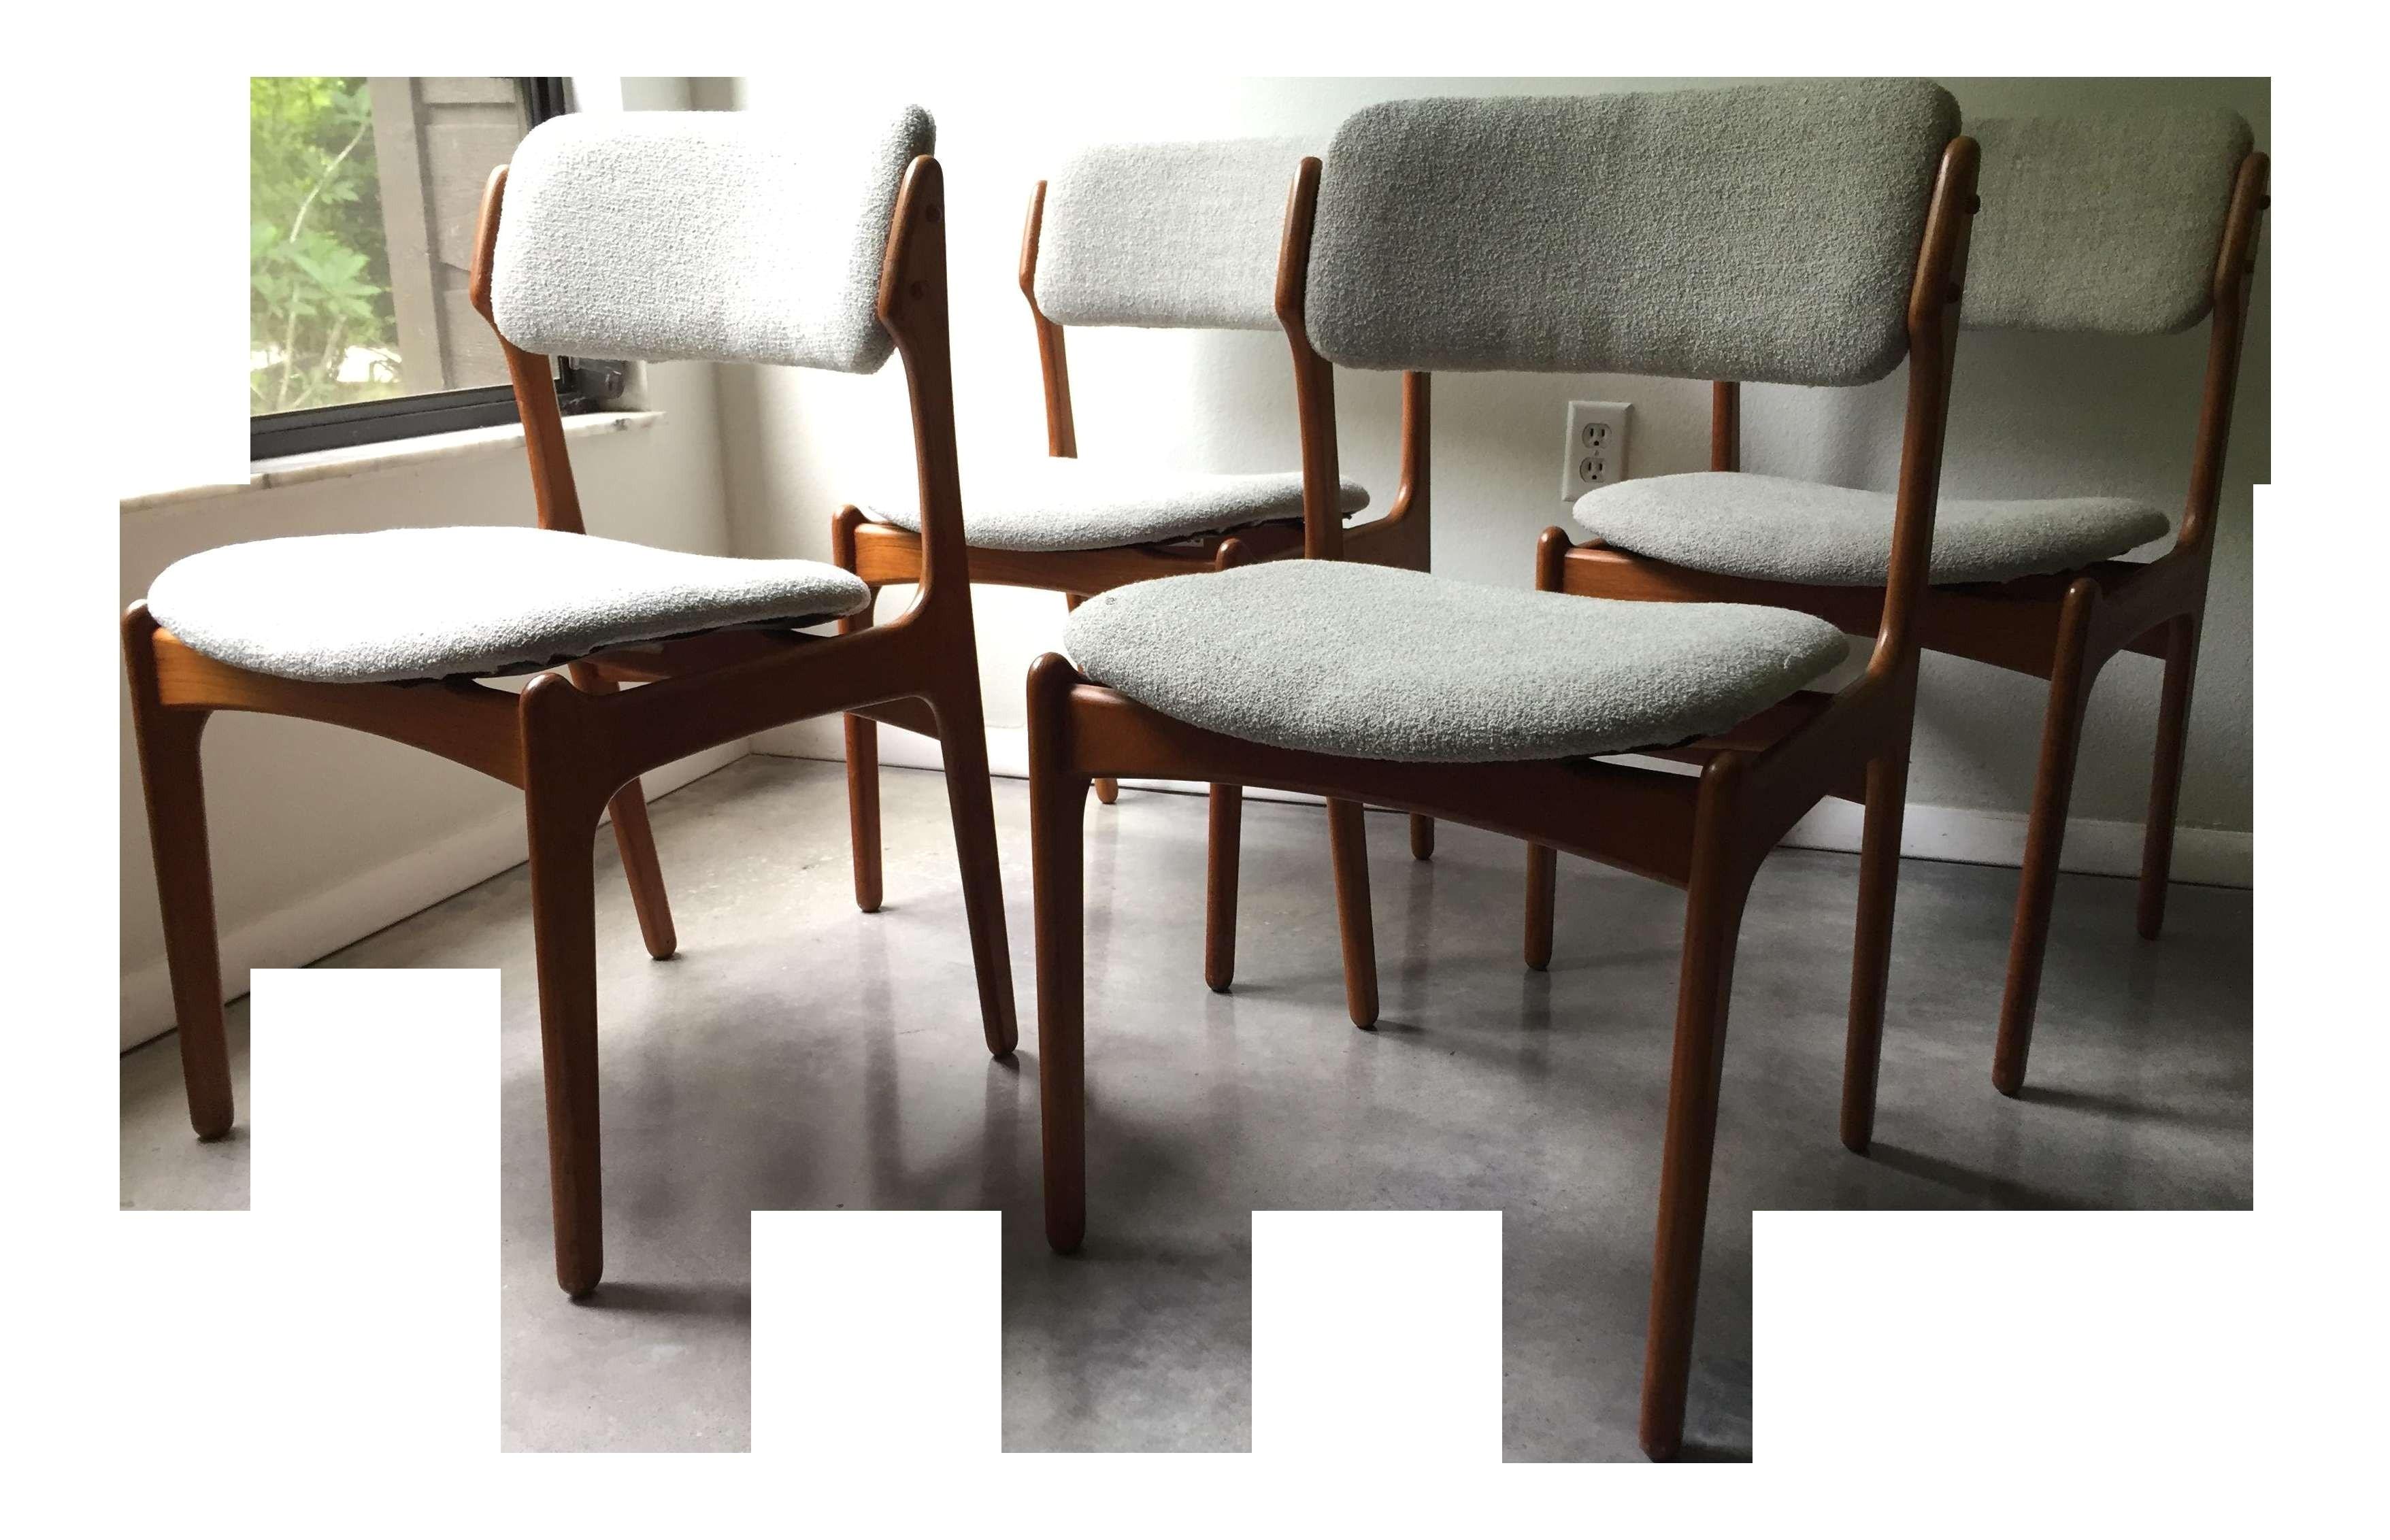 dining room tables decorate ideas modern cool sets popular vintage erik buck o d mobler